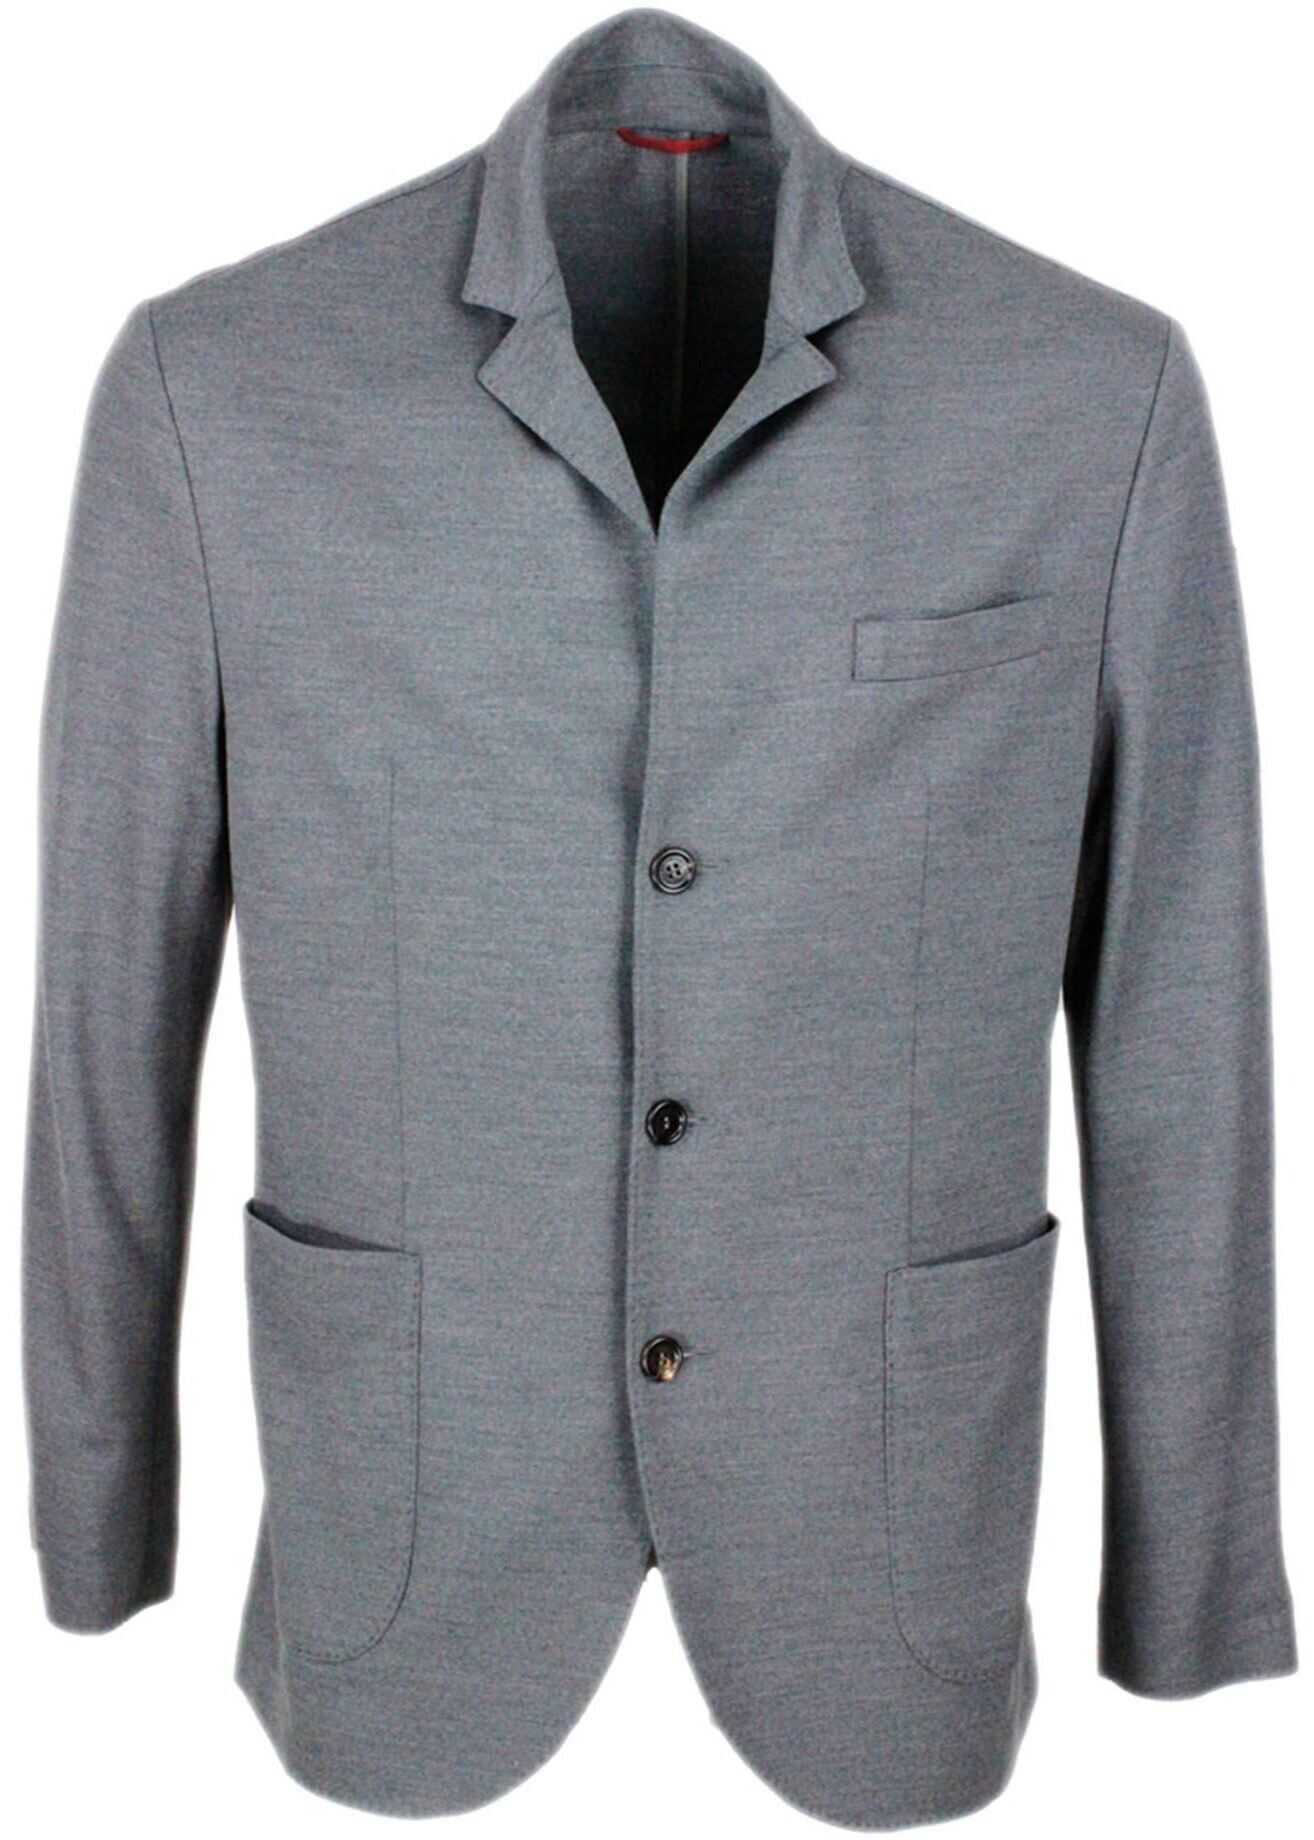 Brunello Cucinelli Three-Buttons Jacket In Grey Grey imagine